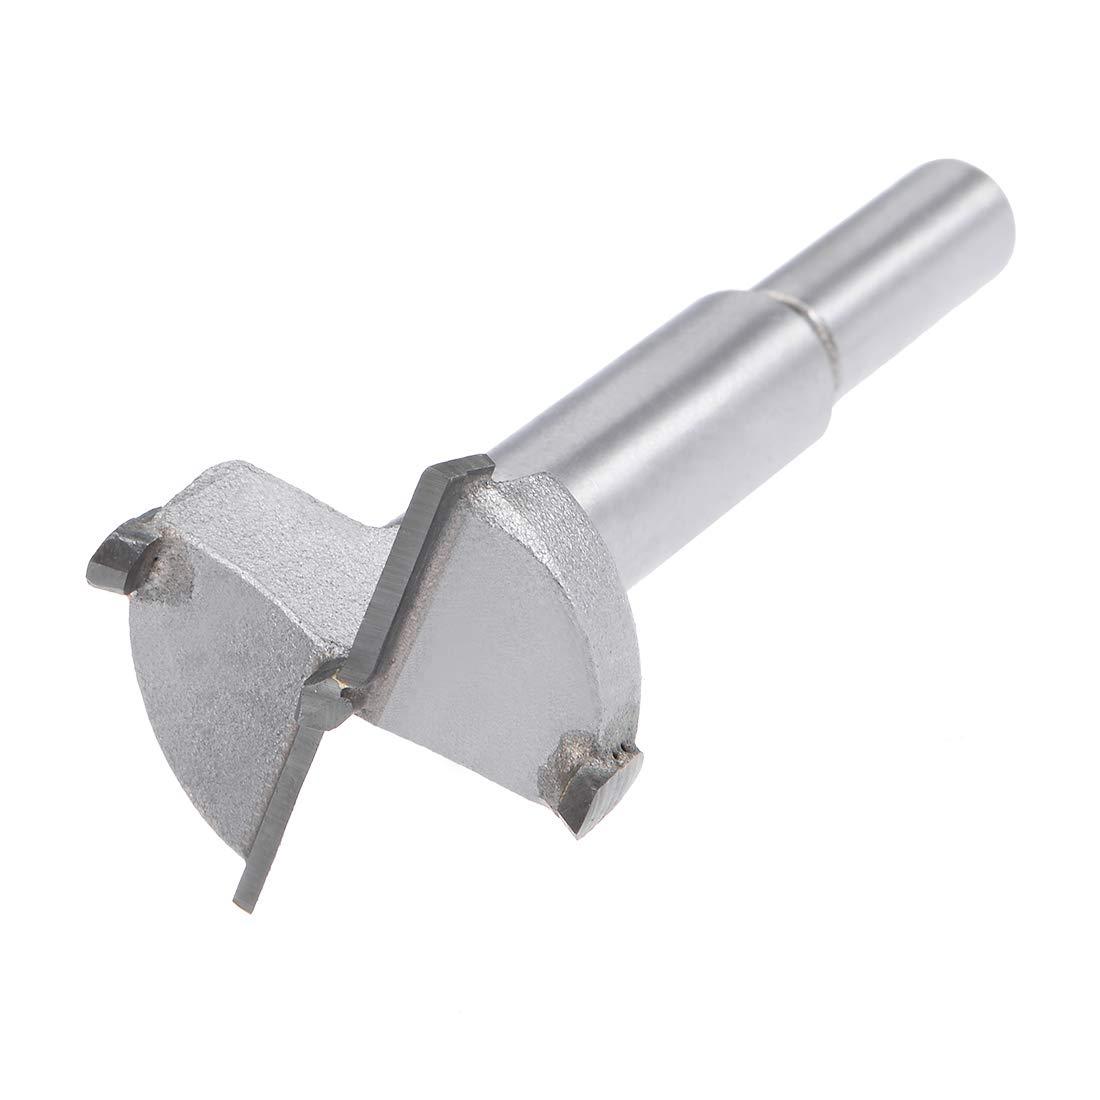 32mm Diameter sourcingmap Hinge Boring Forstner Drill Bit 8mm Shank